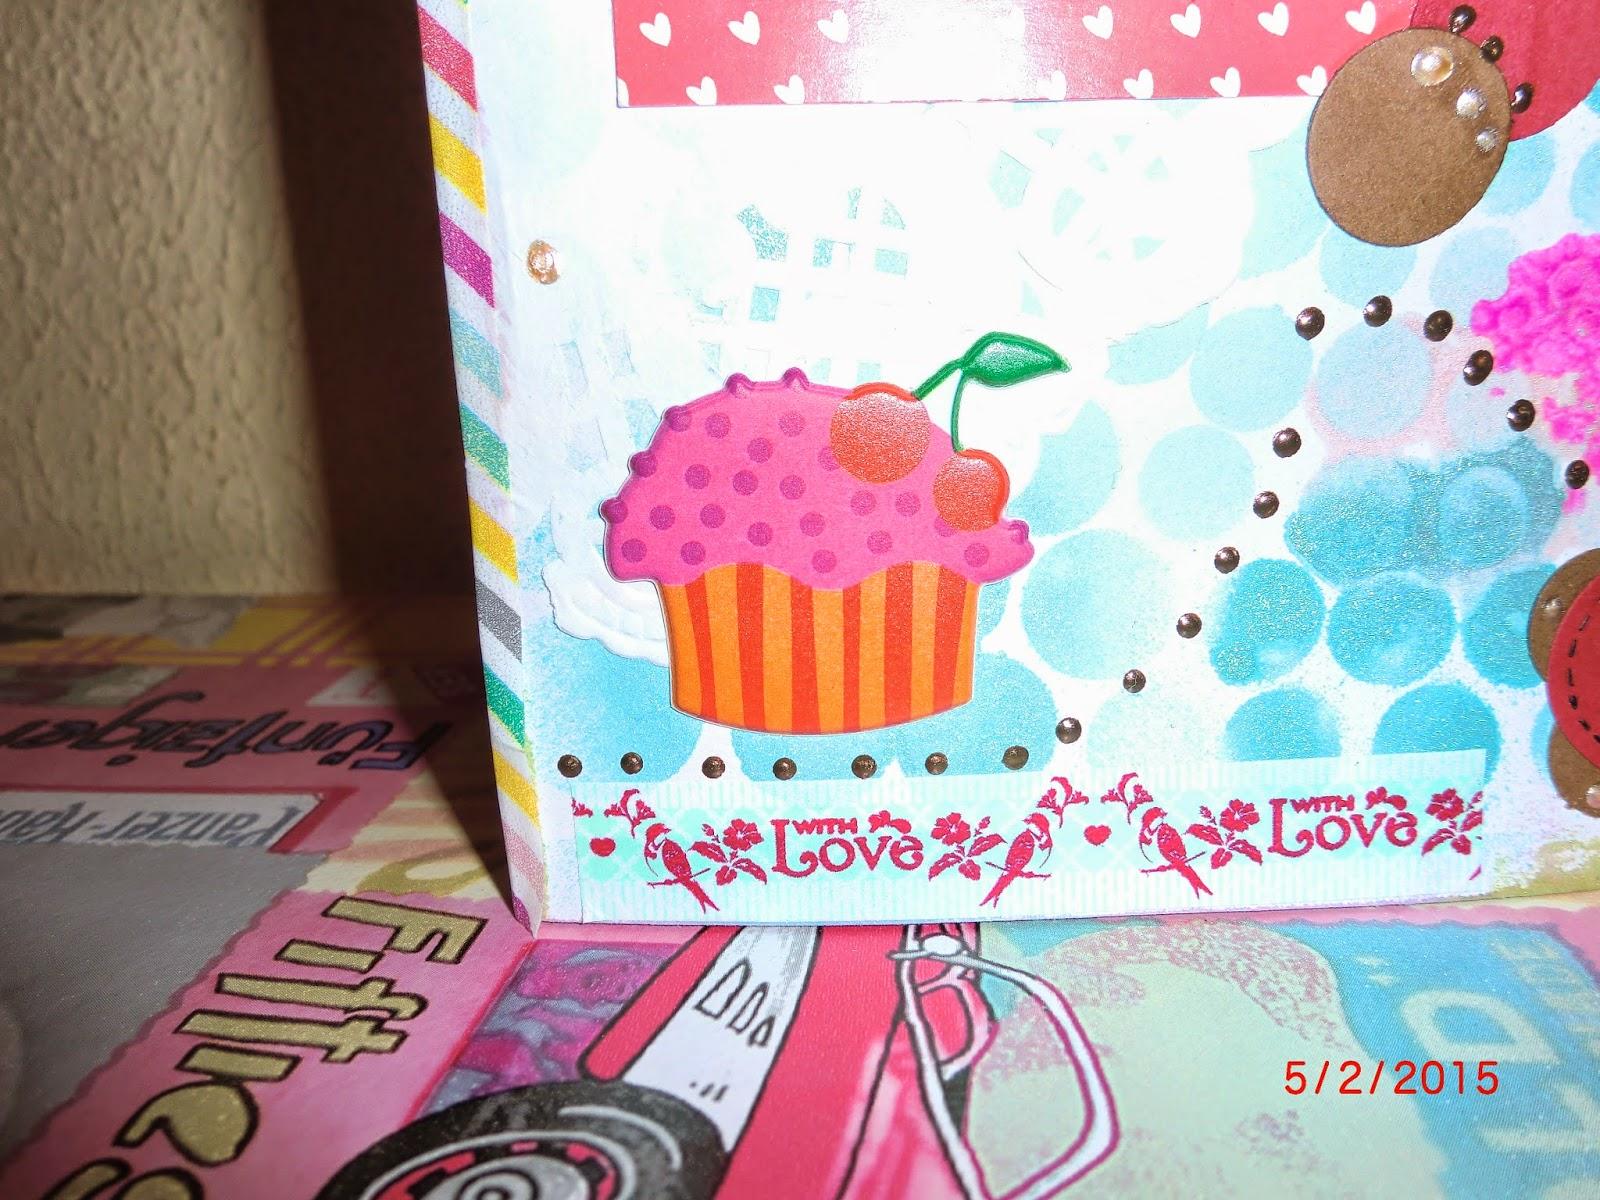 detalle de pastel de cumpleaños